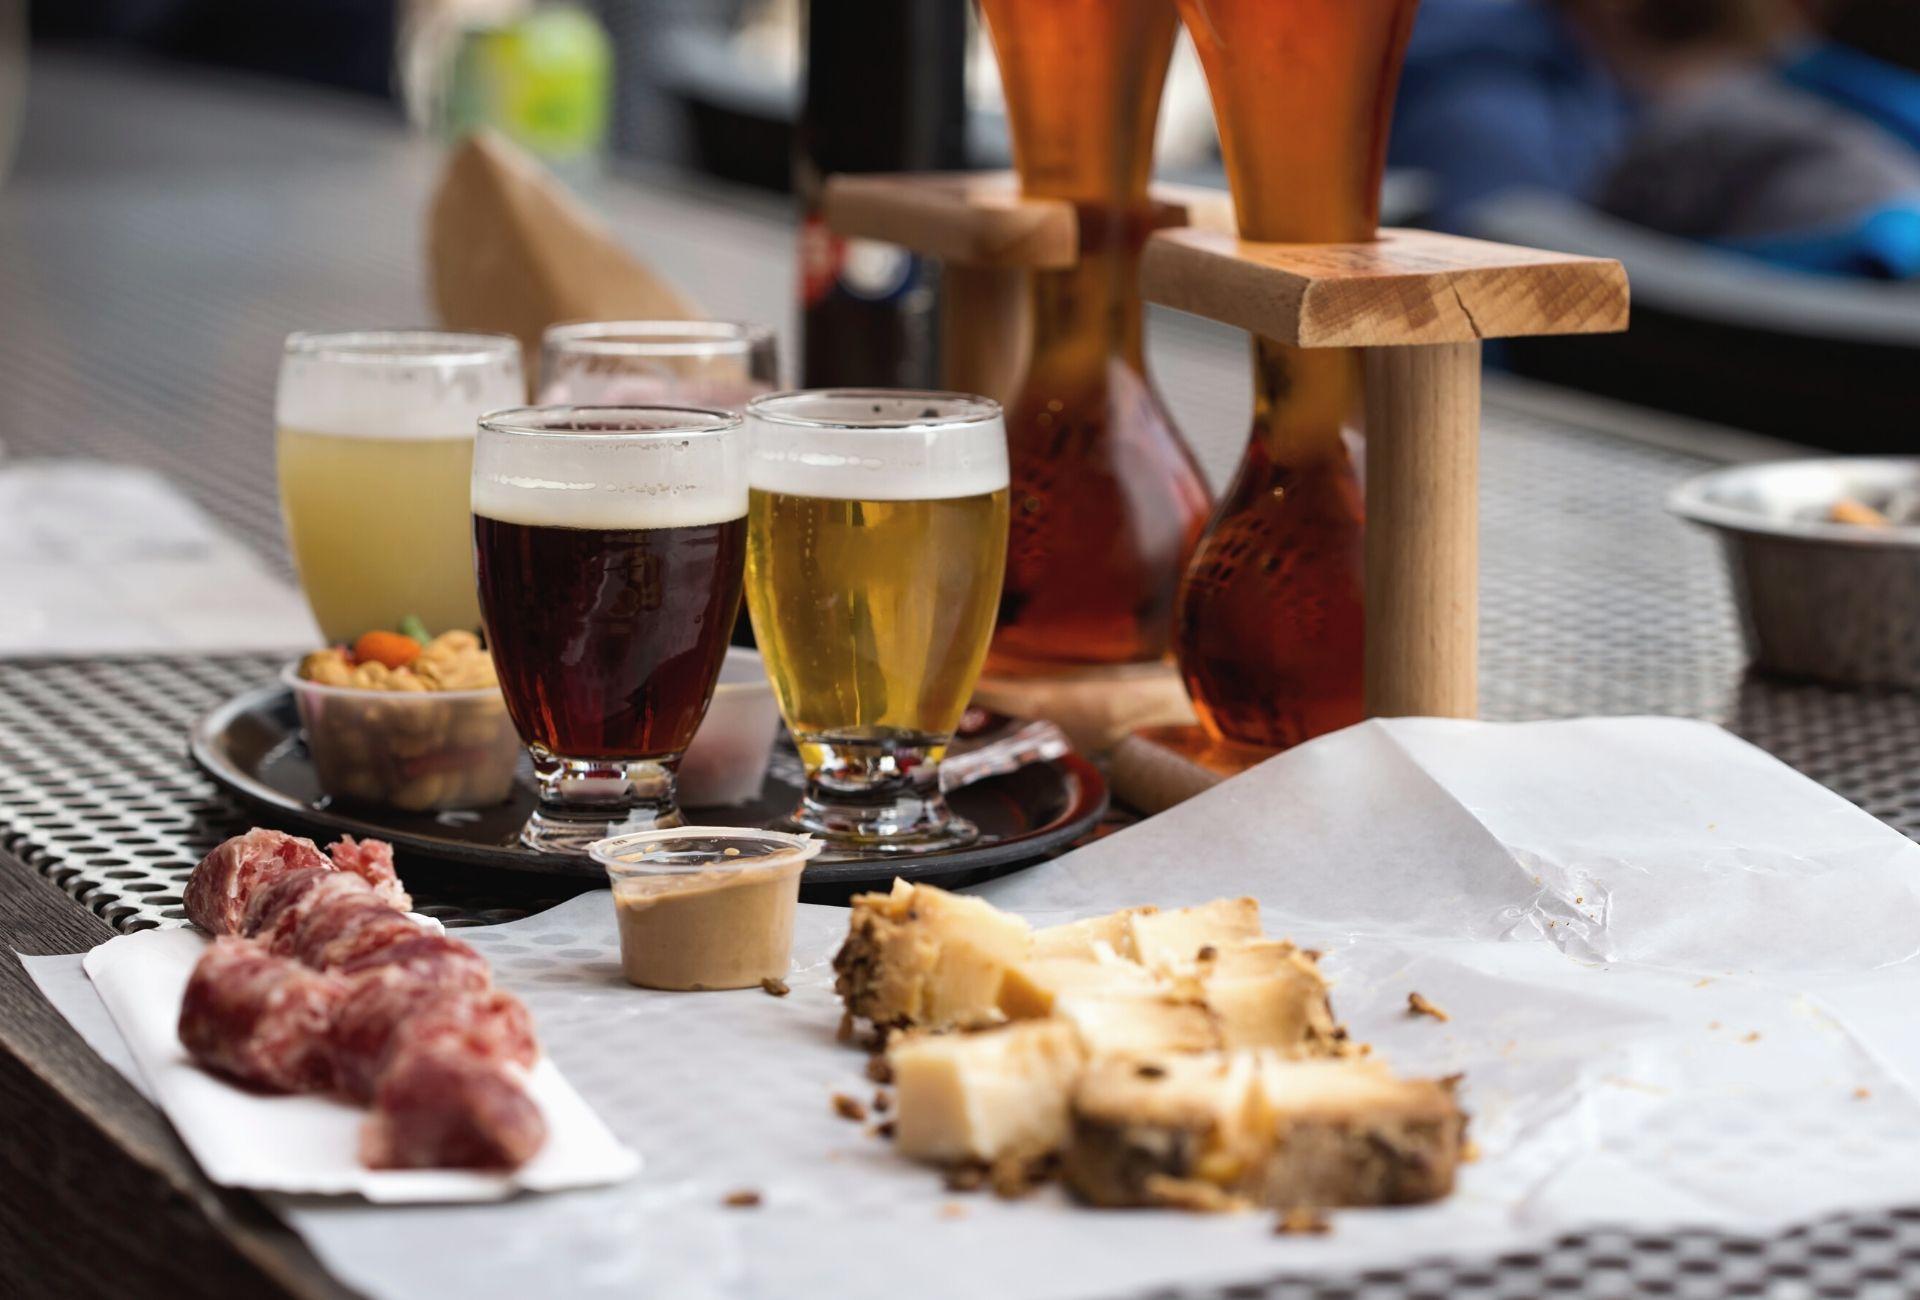 Cervejas de diversos tipos e algumas comidas típicas belgas